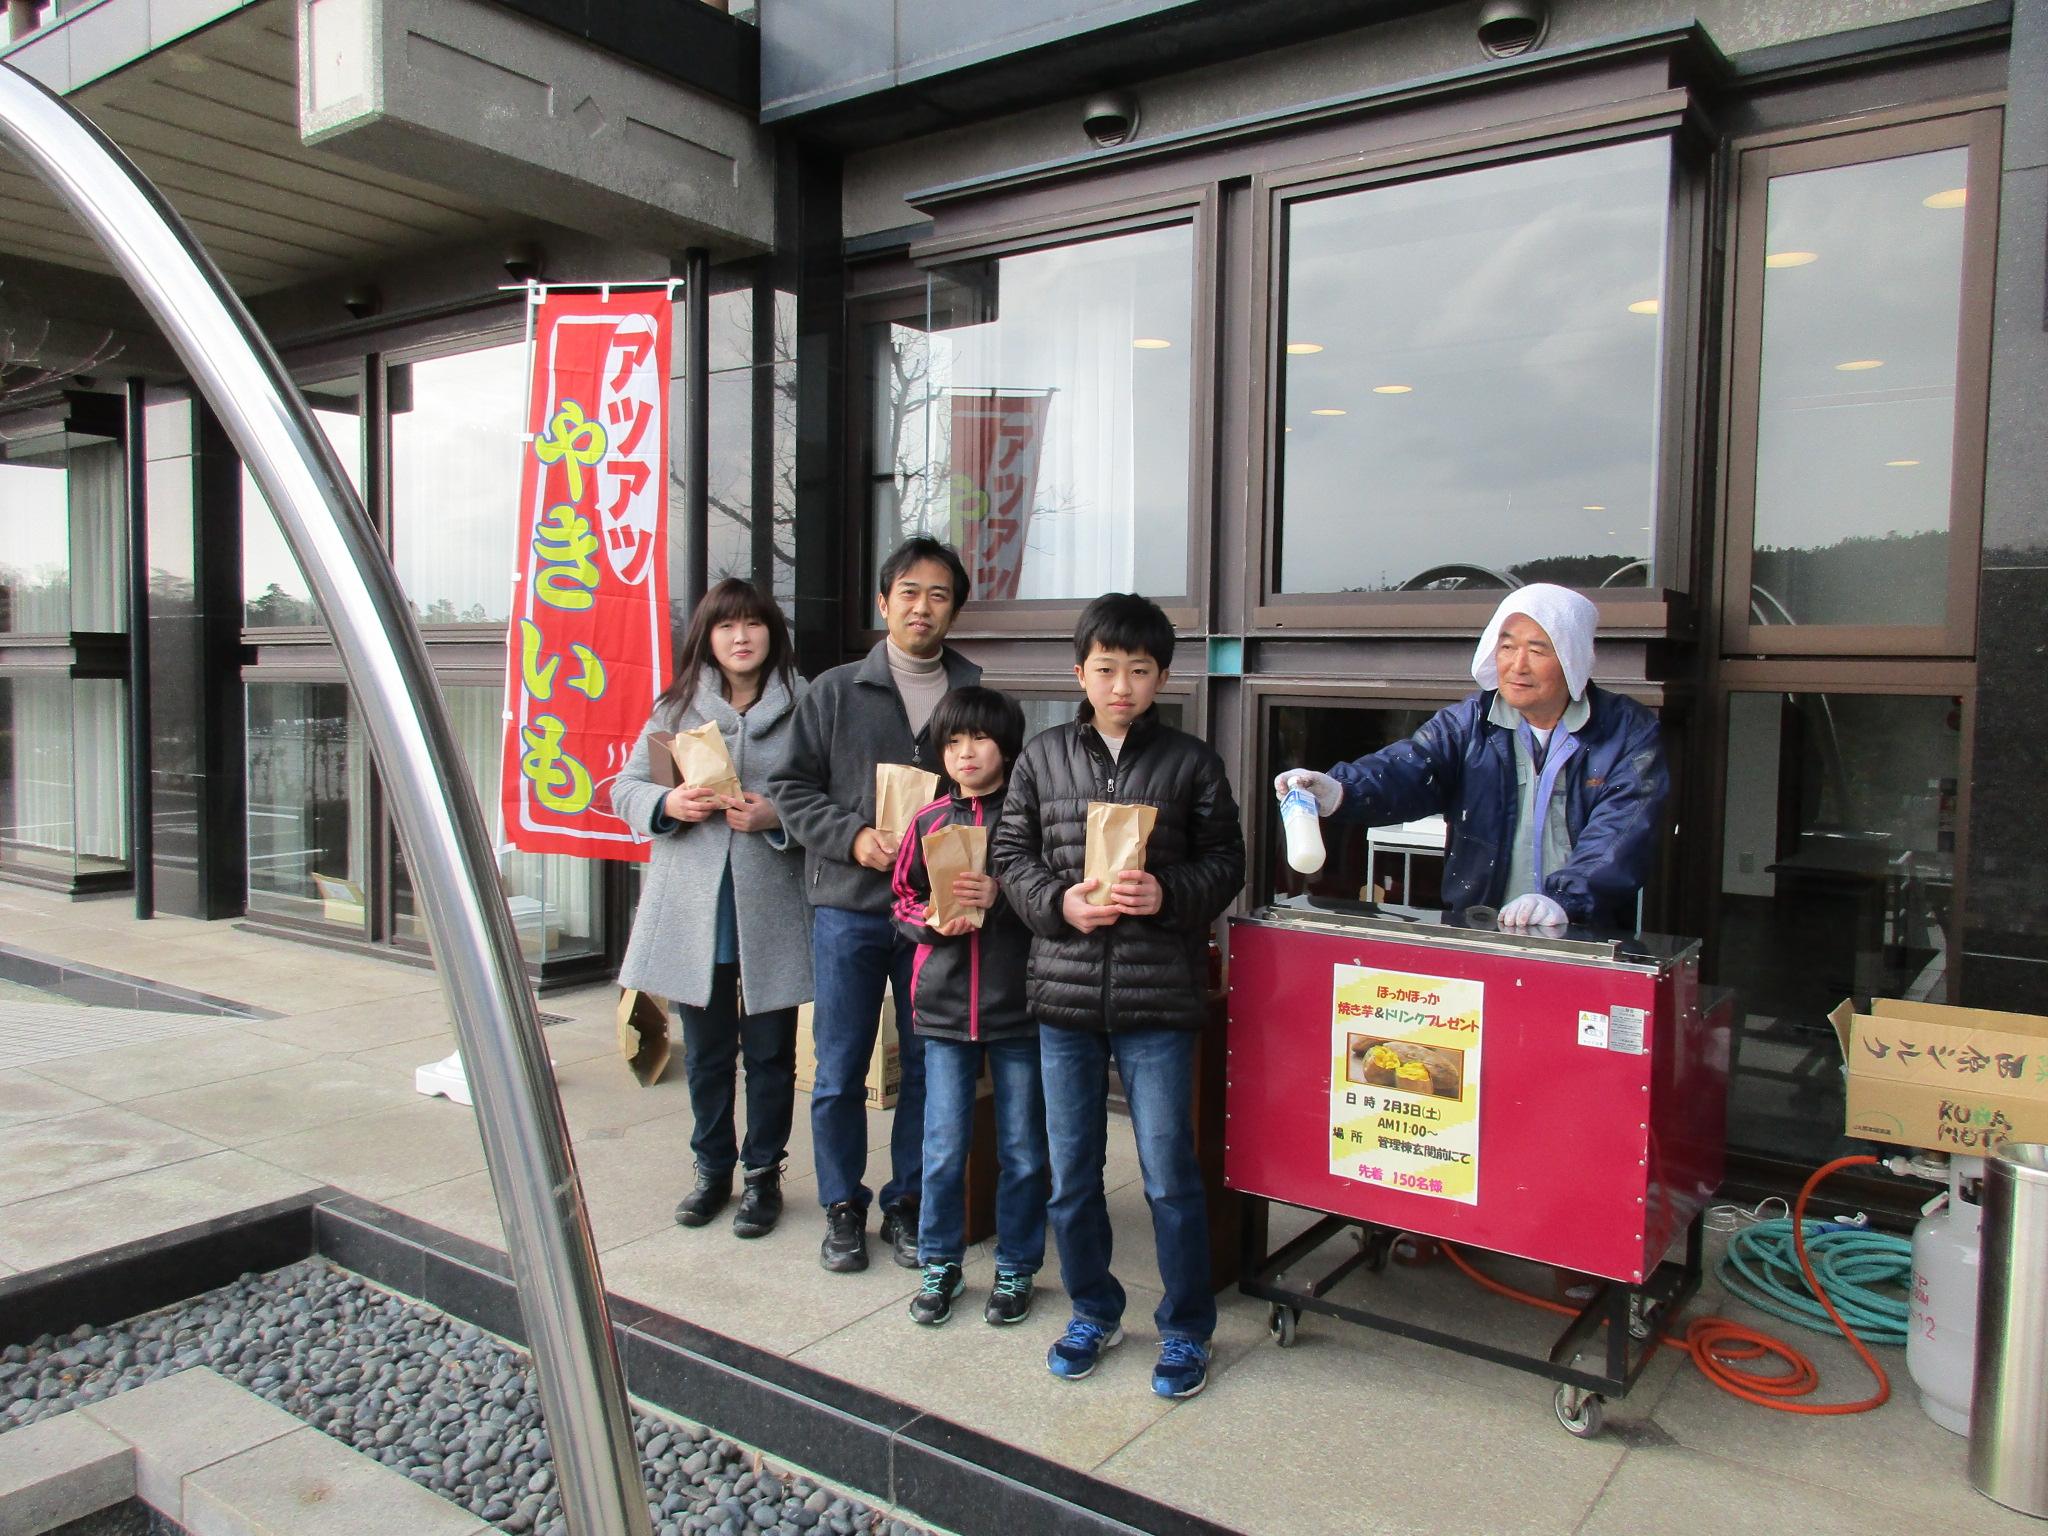 2月のイベント 焼き芋&ドリンクサービス